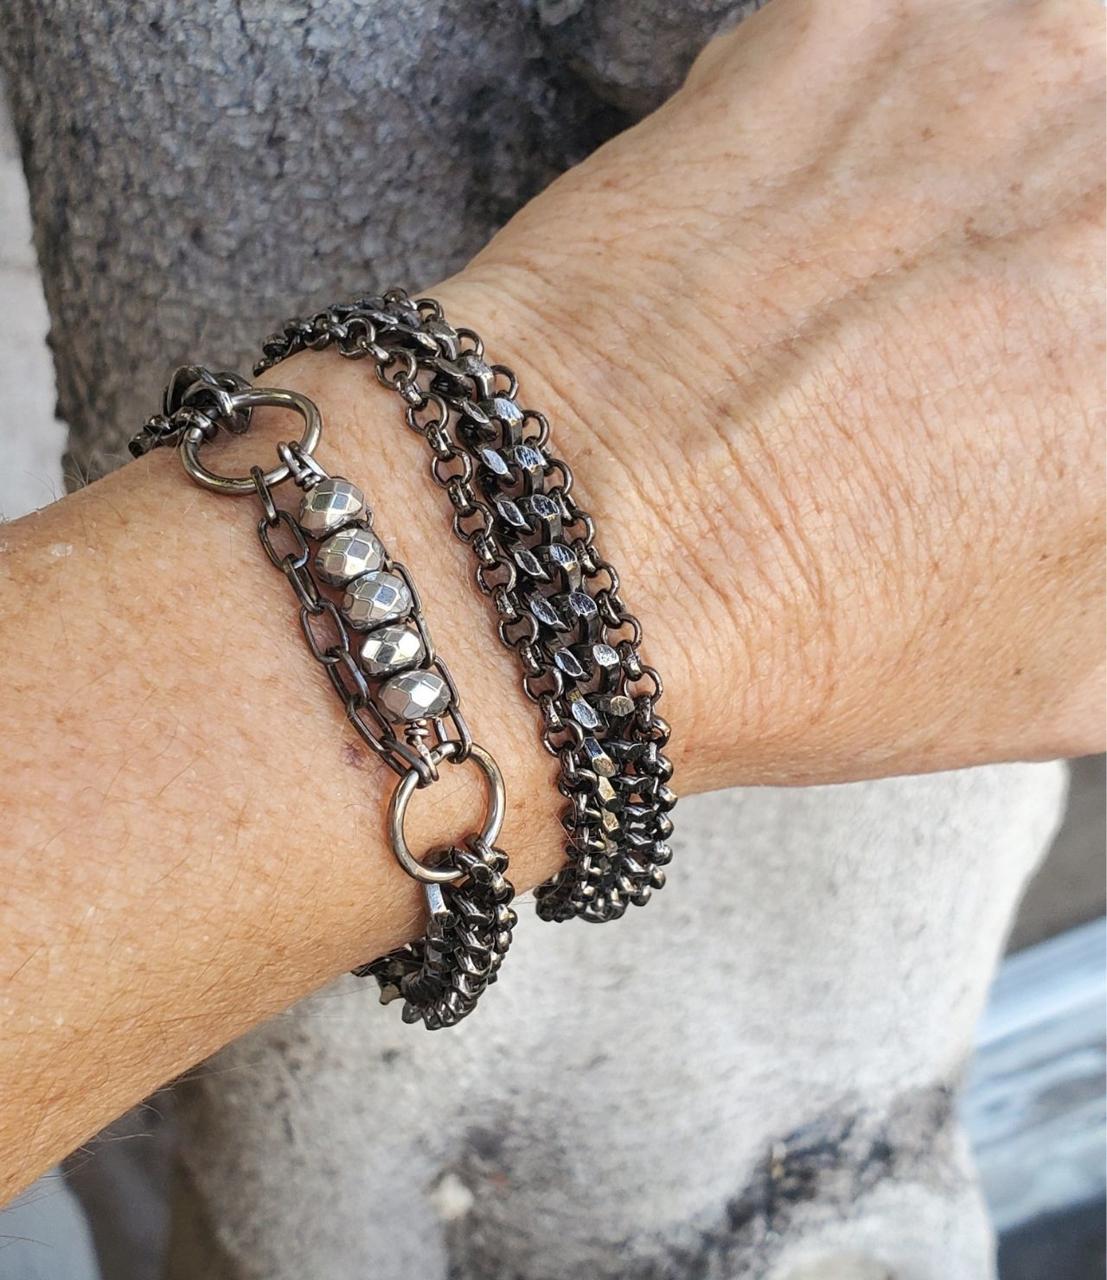 two black multi chain bracelets on wrist